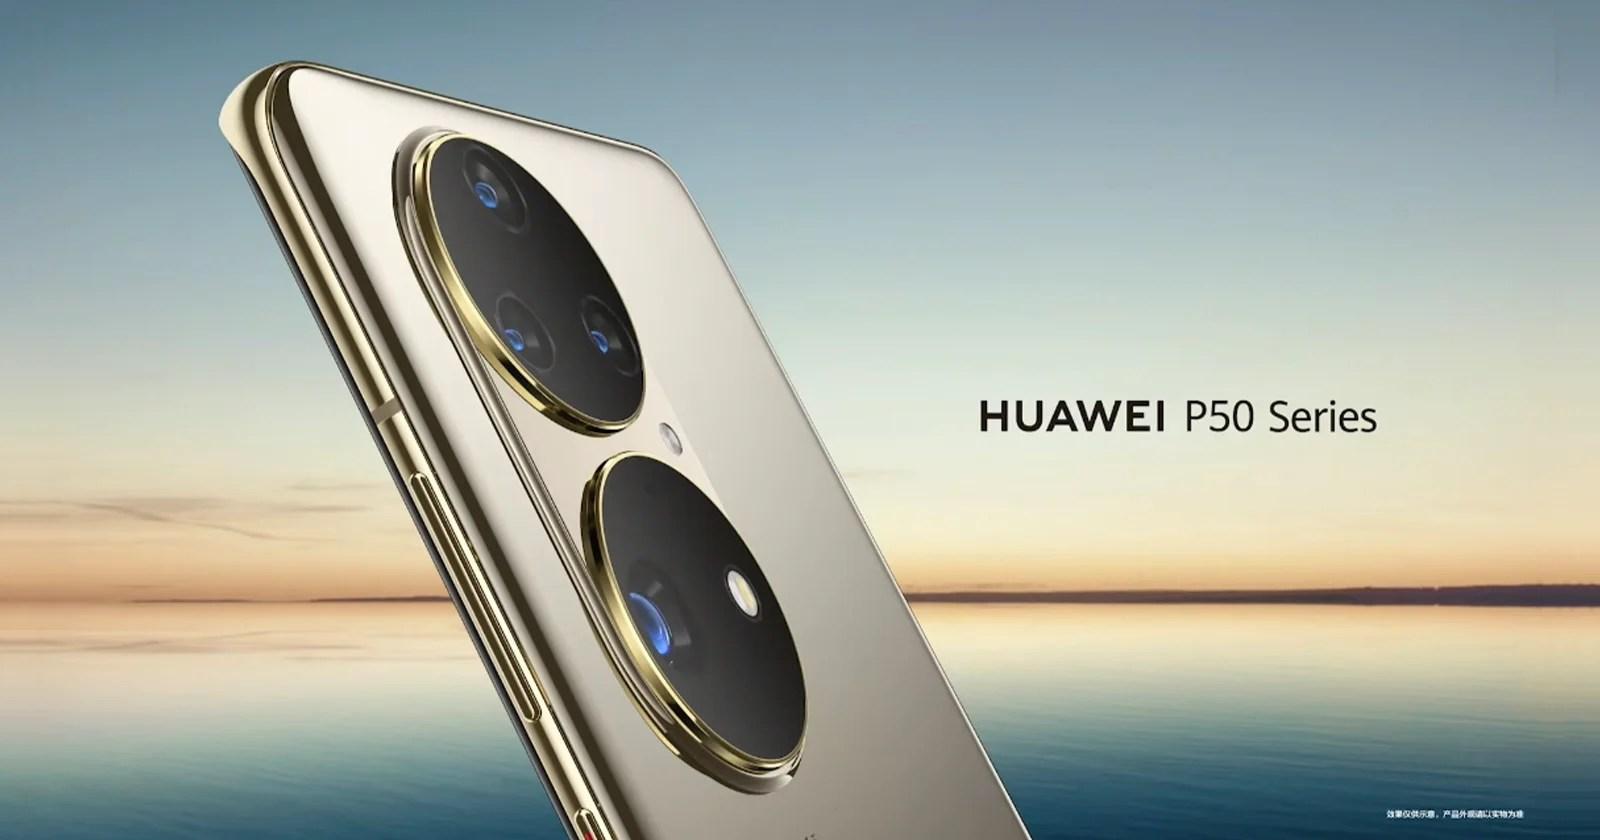 Huawei prende in giro la nuova ammiraglia P50 e il suo gigantesco array a doppia fotocamera